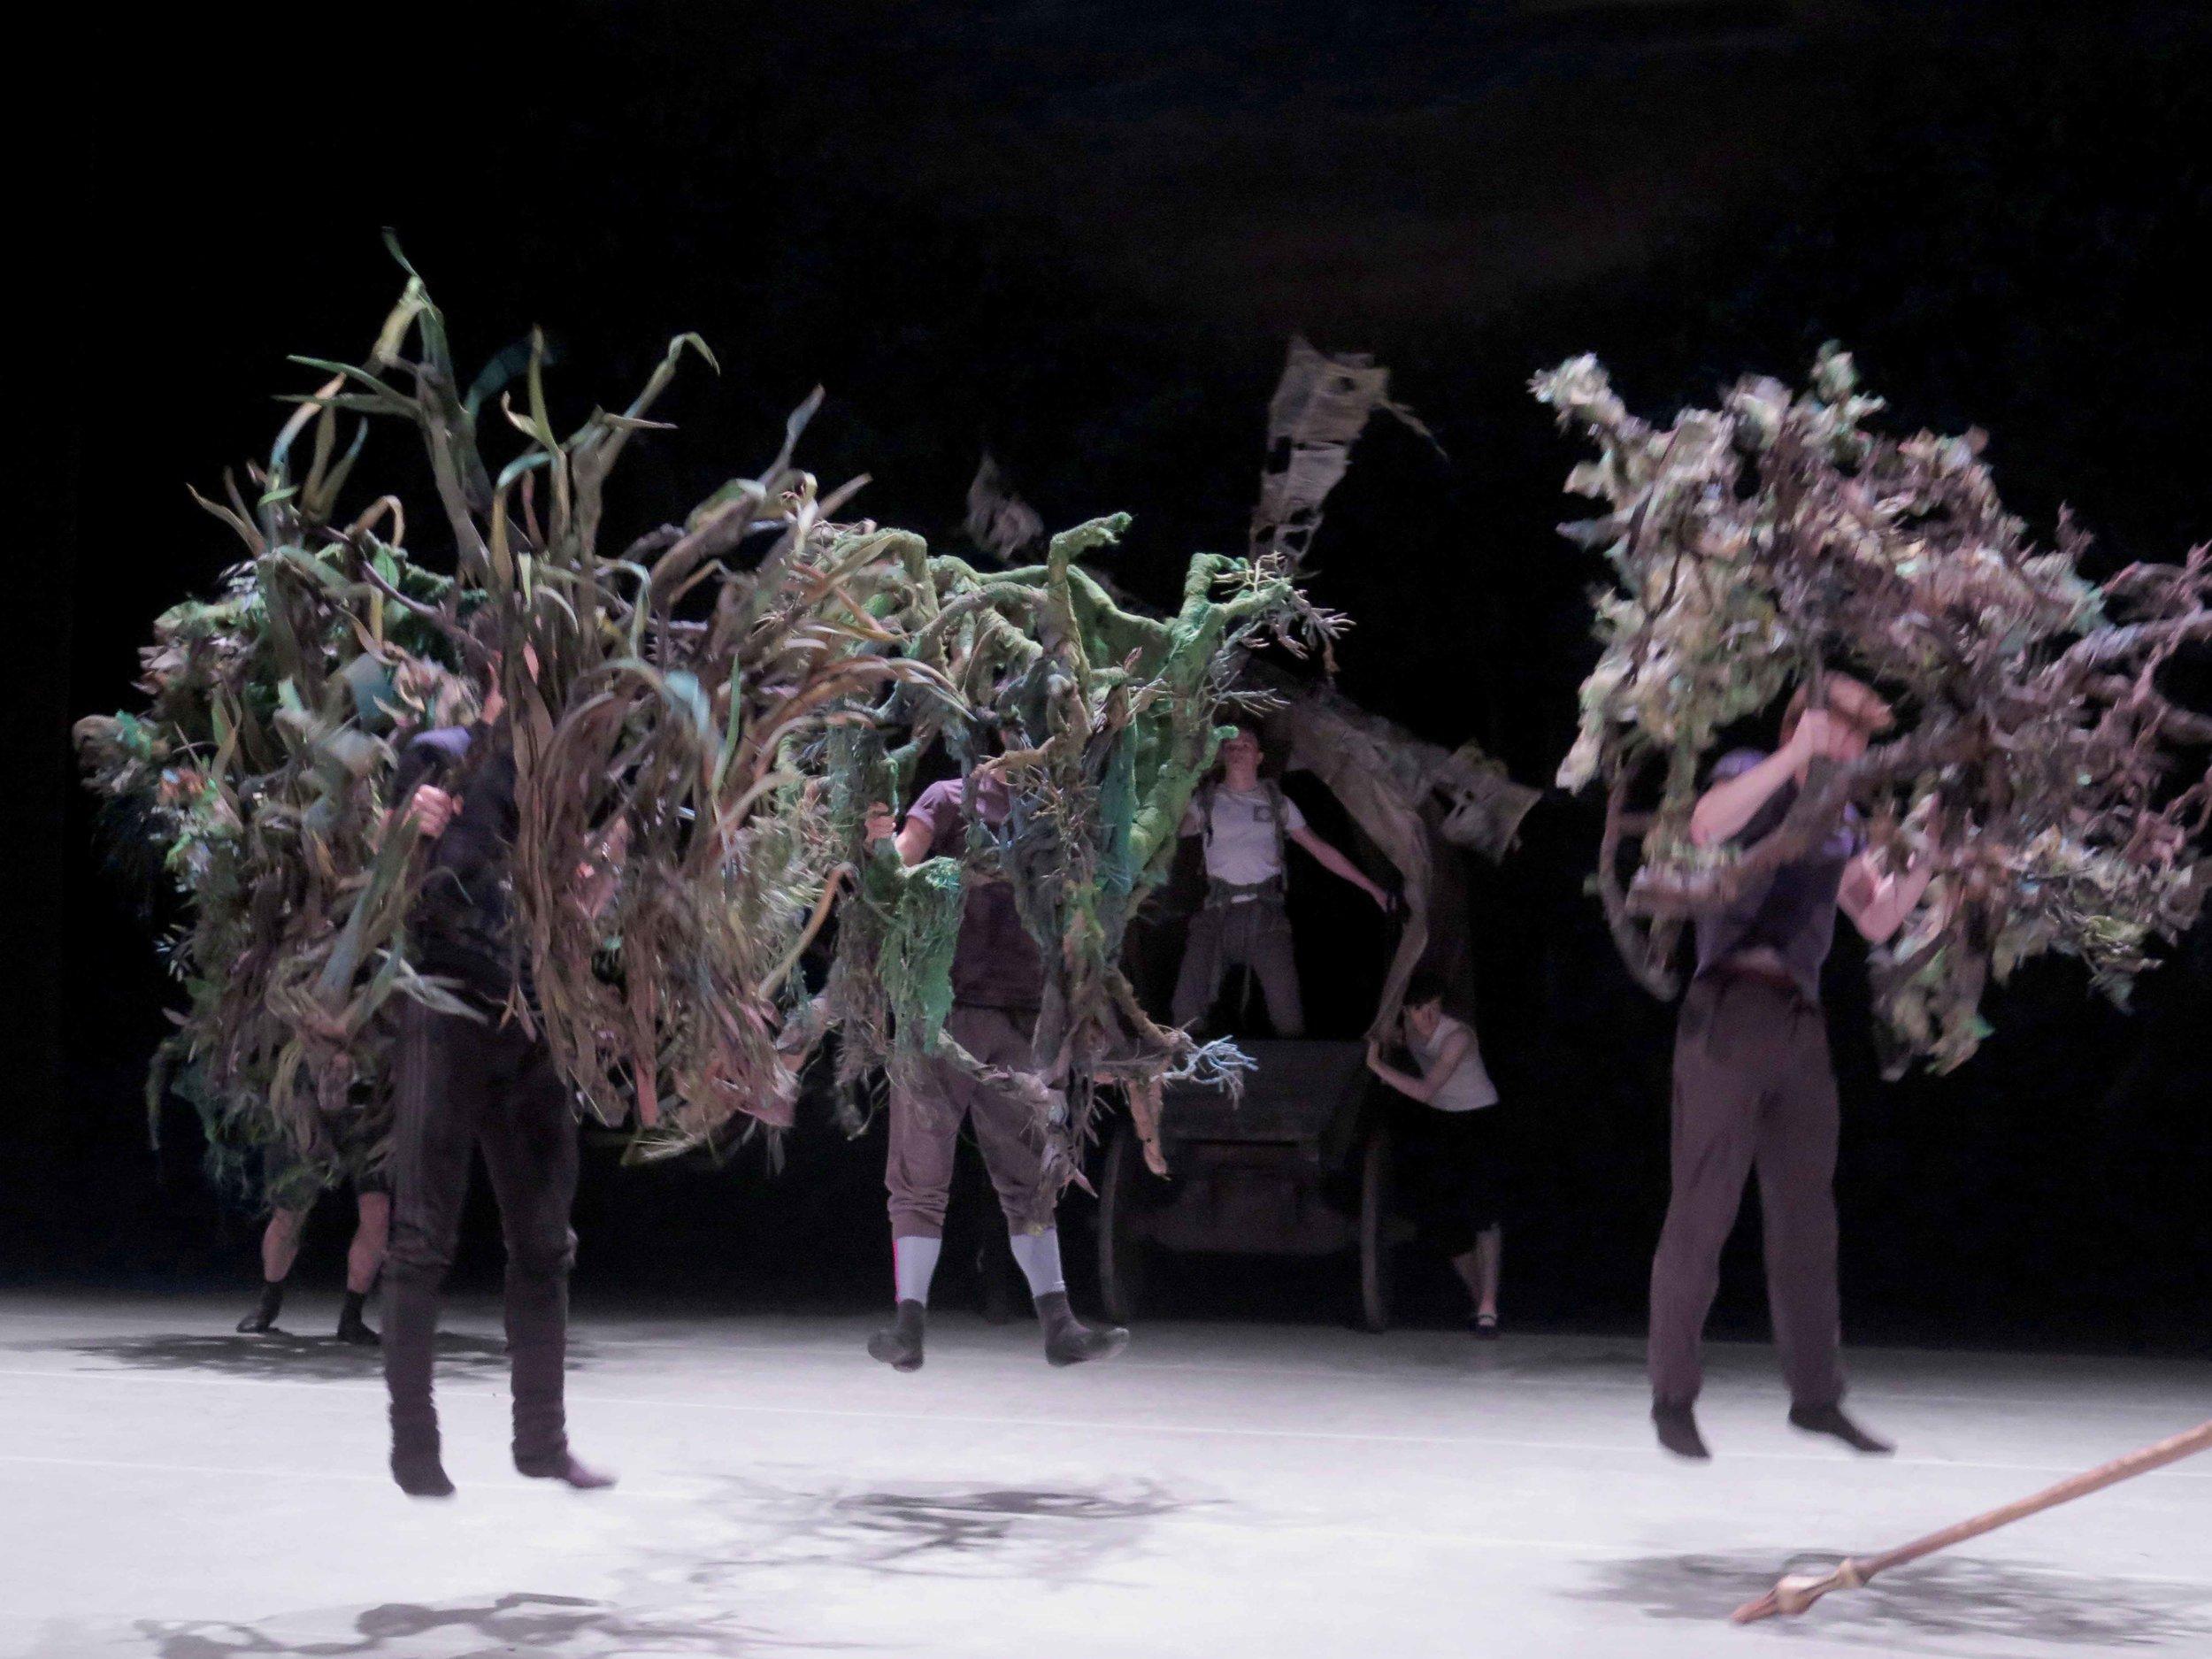 Giants (hommes-arbres) , rehearsal, 2017